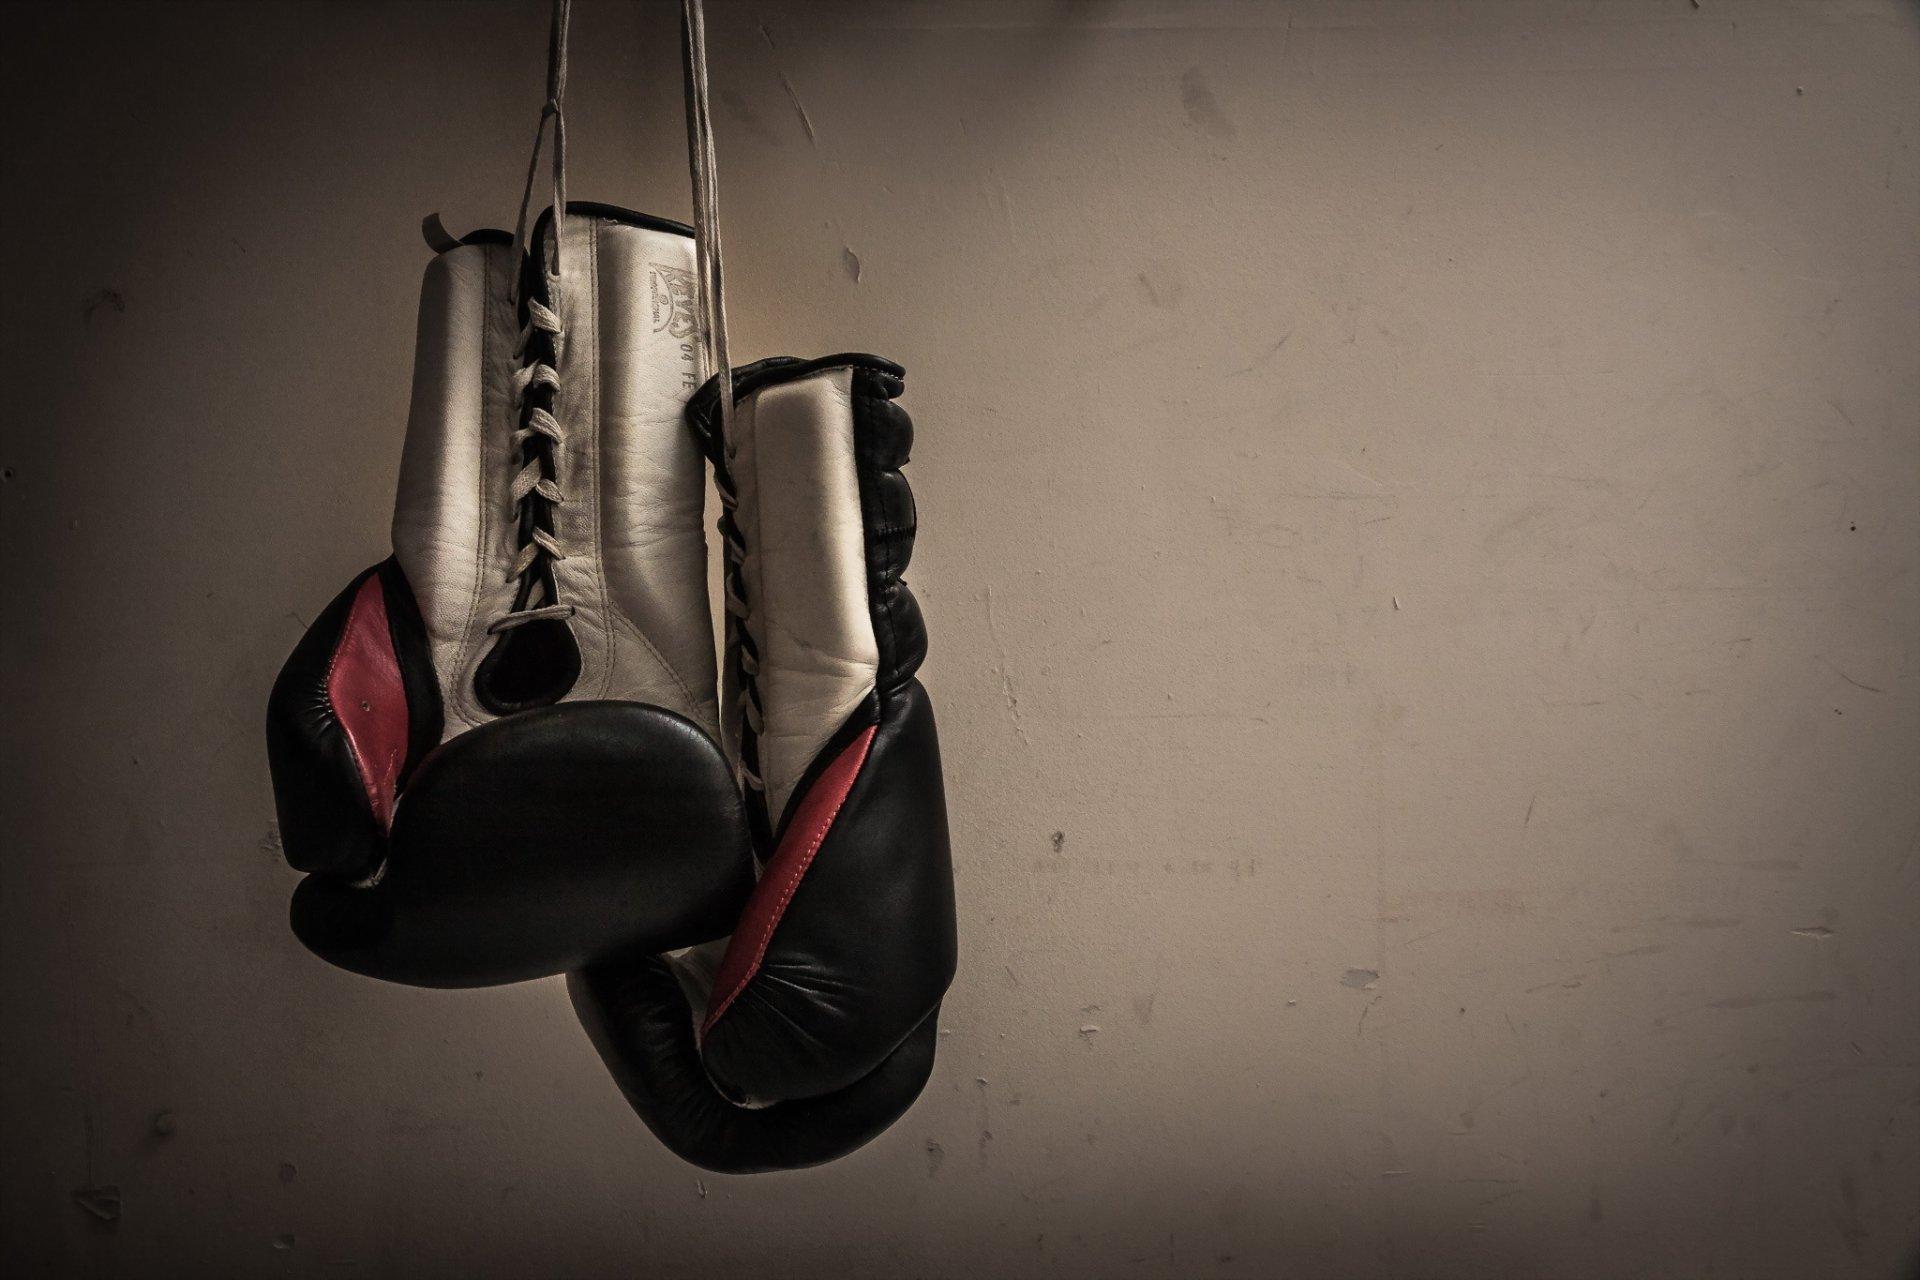 21 жастағы қазақ баласы WBC чемпионы атанды